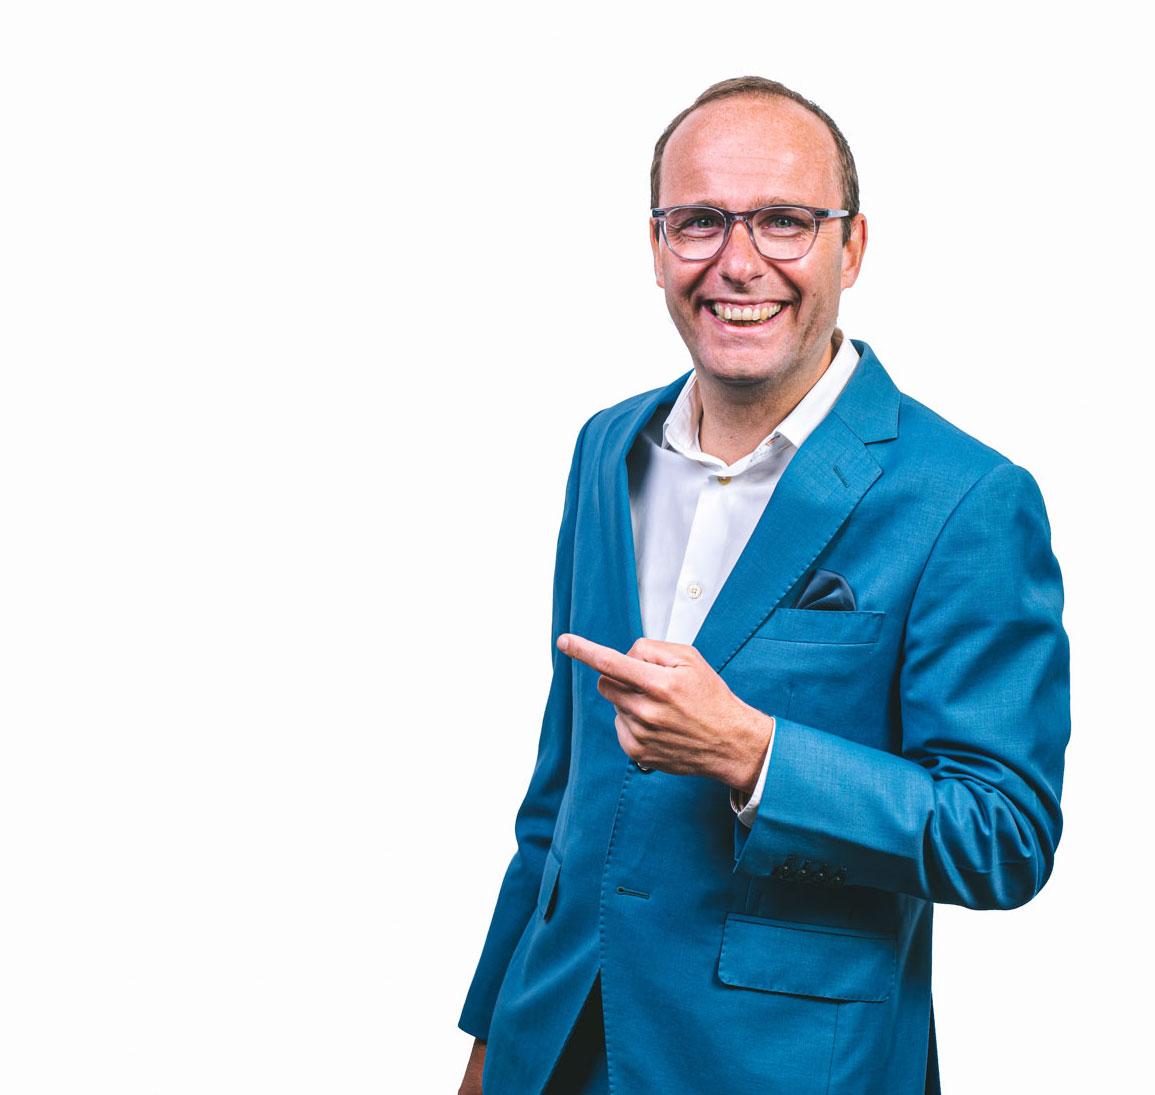 Tom Lokermans, CFO of team QbD